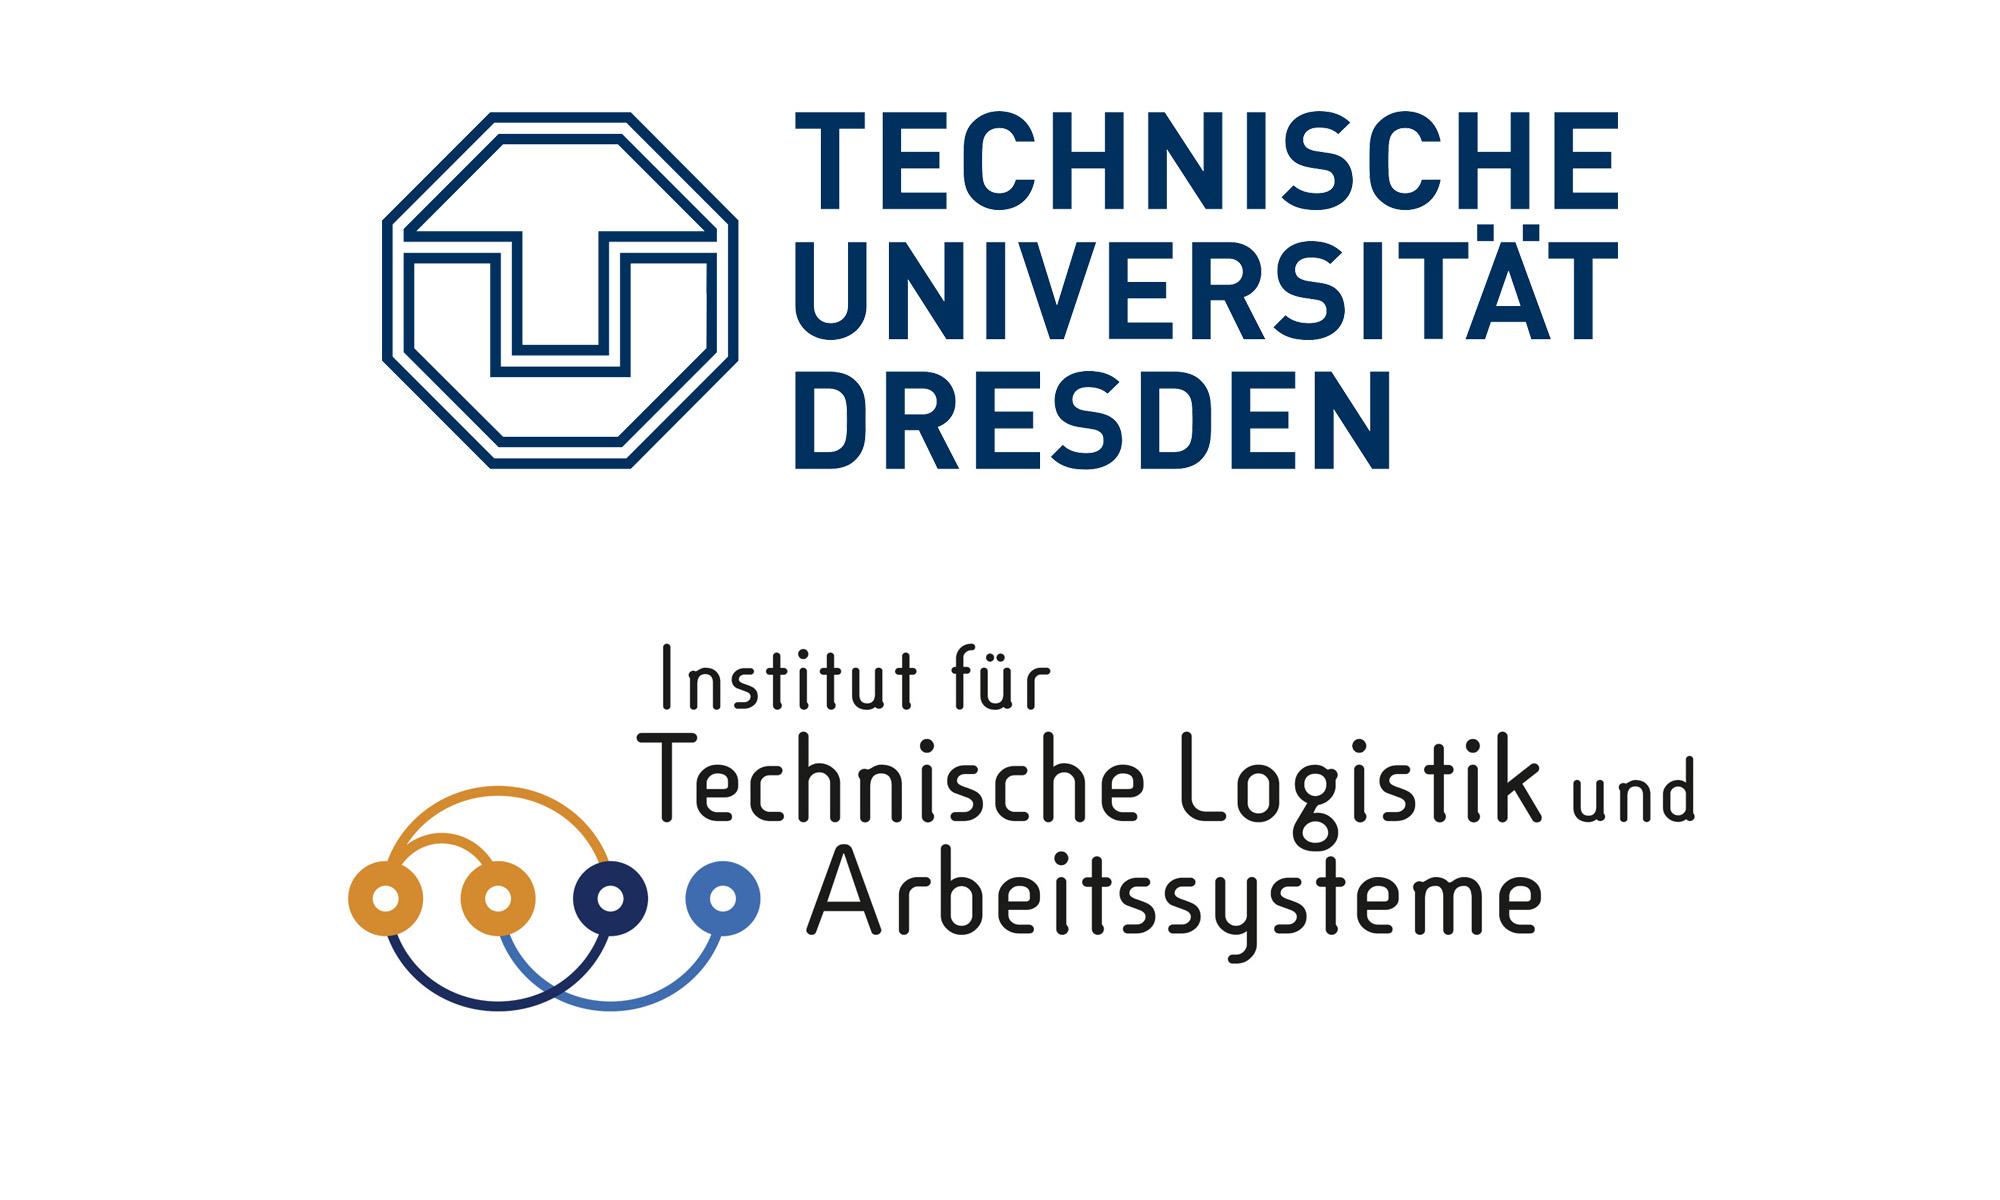 Technische Universität Dresden, Institut für technische Logistik und Arbeitssysteme